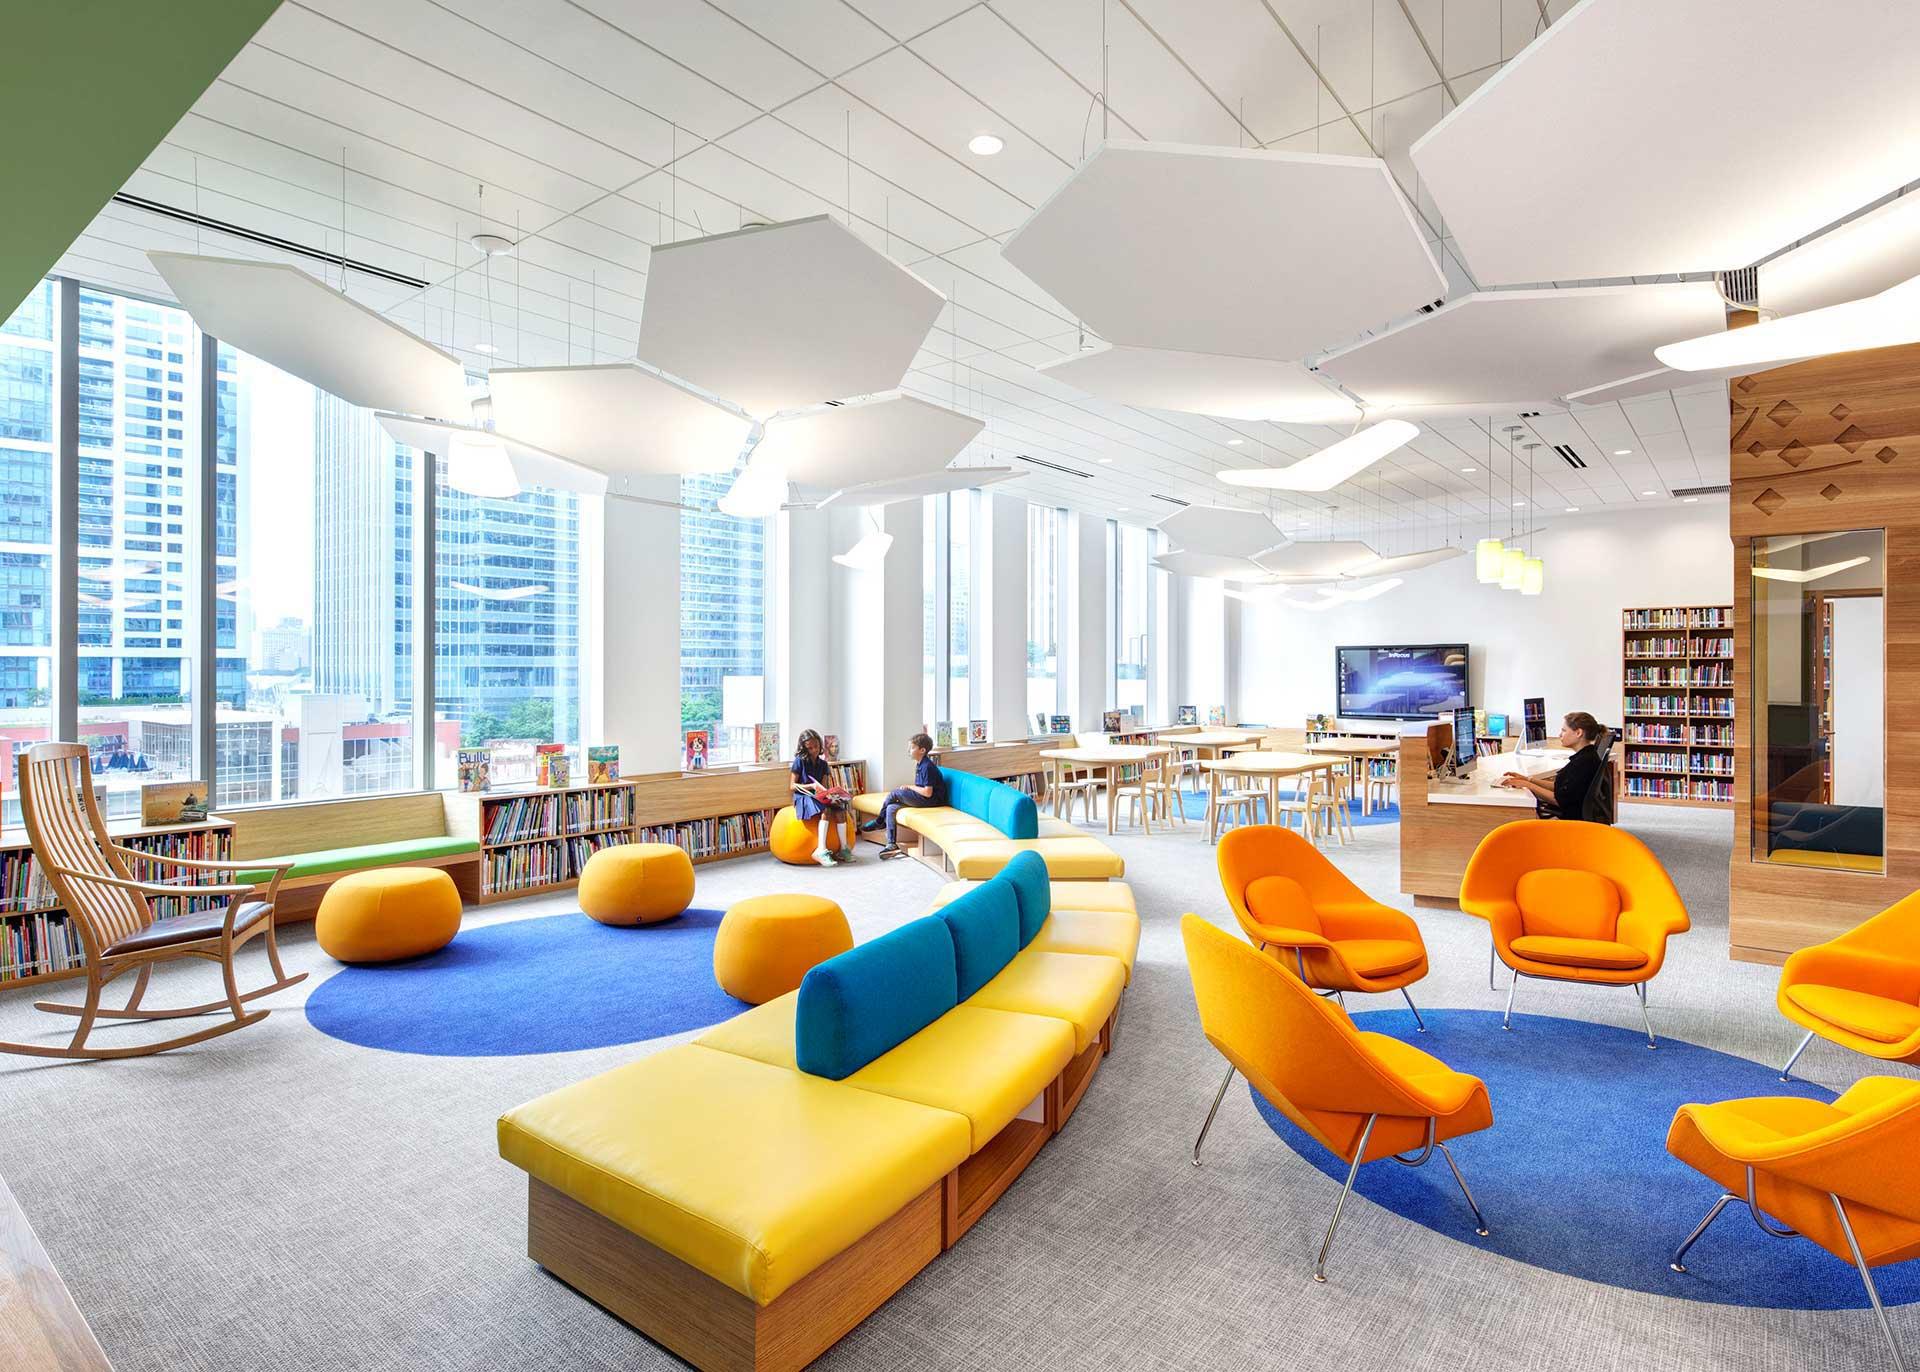 Interiors bkl architecture - Top interior design firms chicago ...